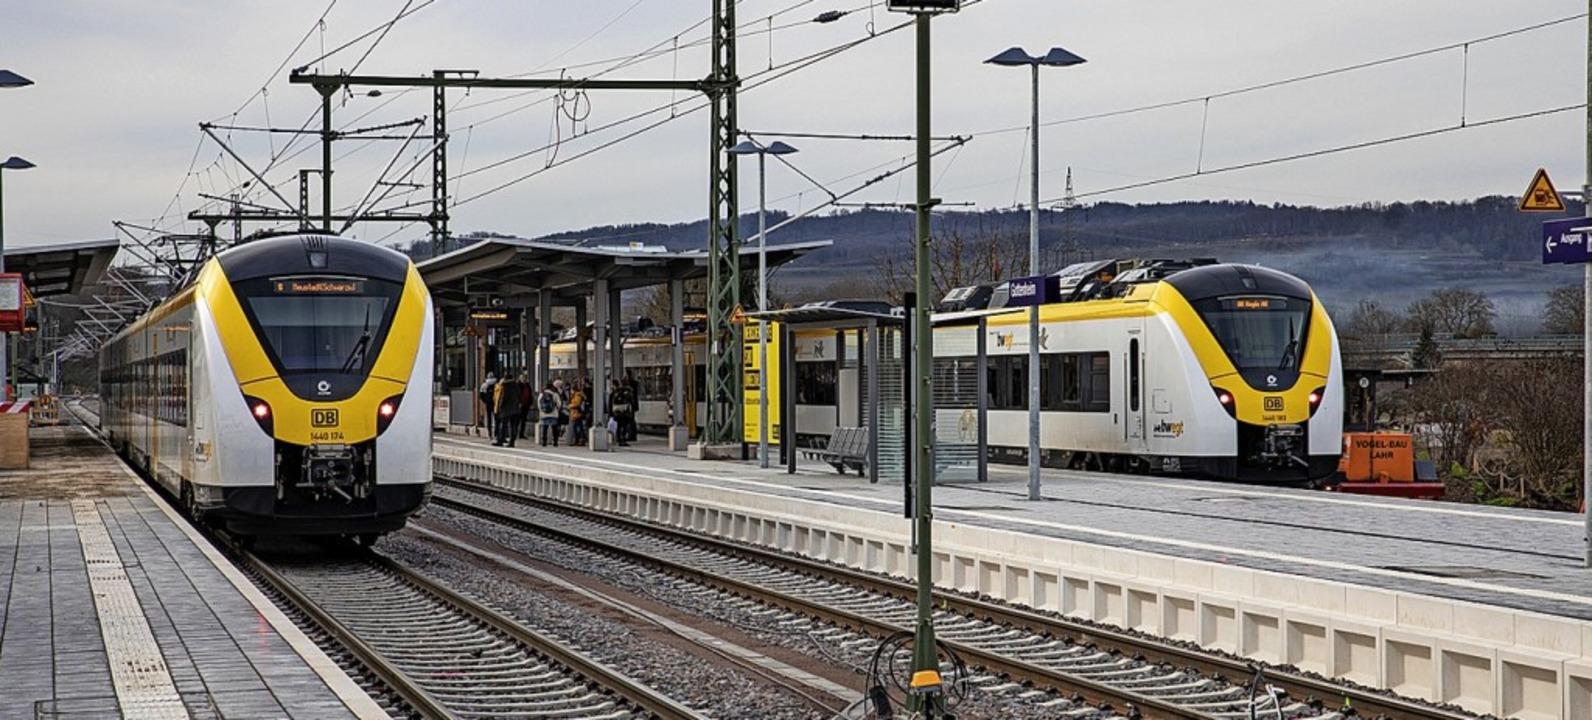 Der Bahnhof in Gottenheim: Bei Verspätungen gibt es Probleme.  | Foto: Hubert Gemmert